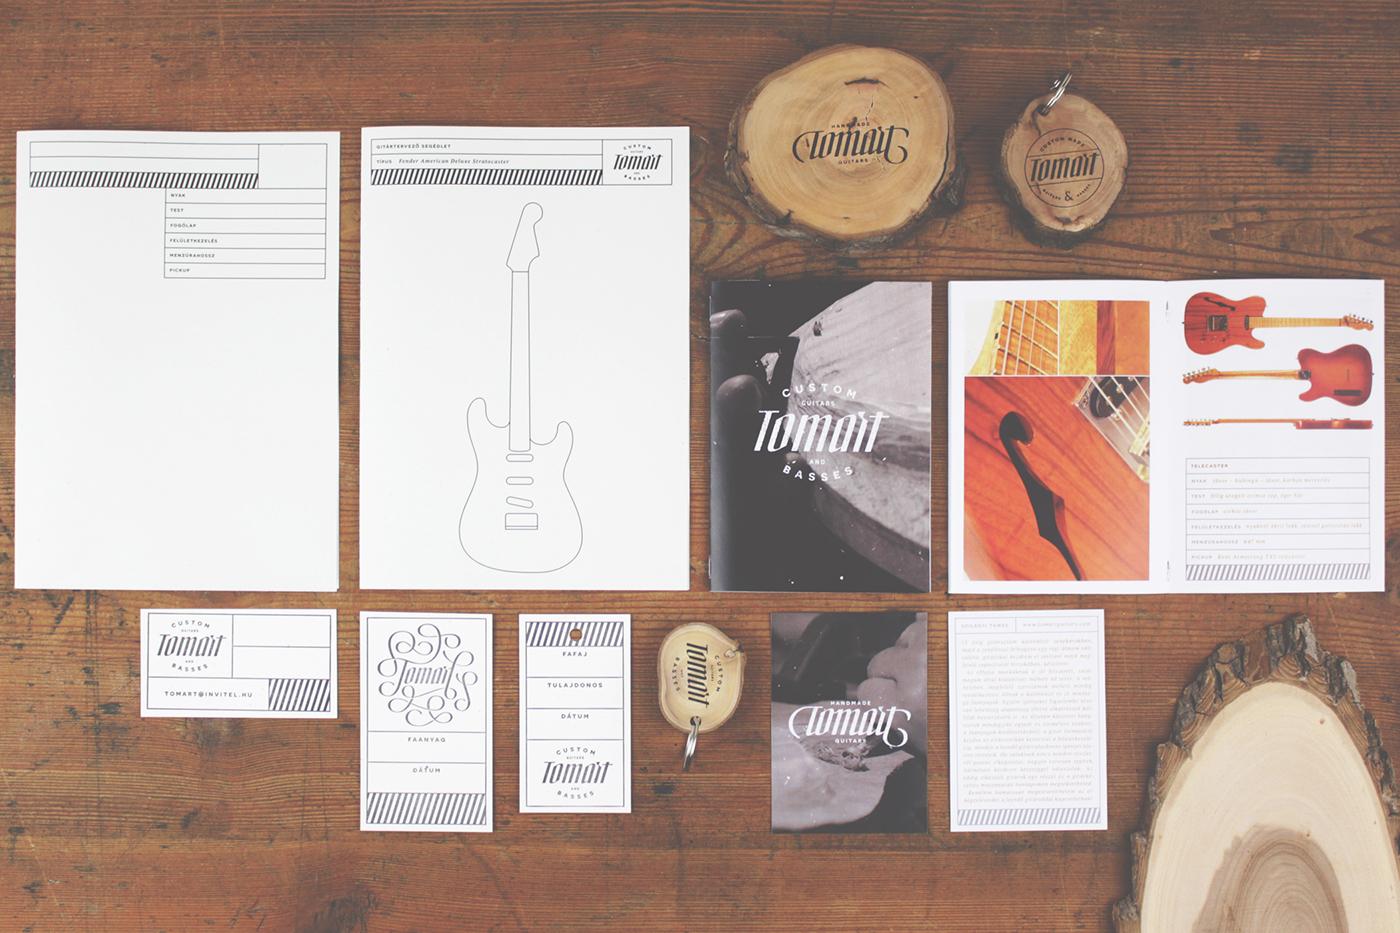 identity instrument guitar bass Custom letter wood handmade typo degree screenprint wooden letterpress customletter luthier